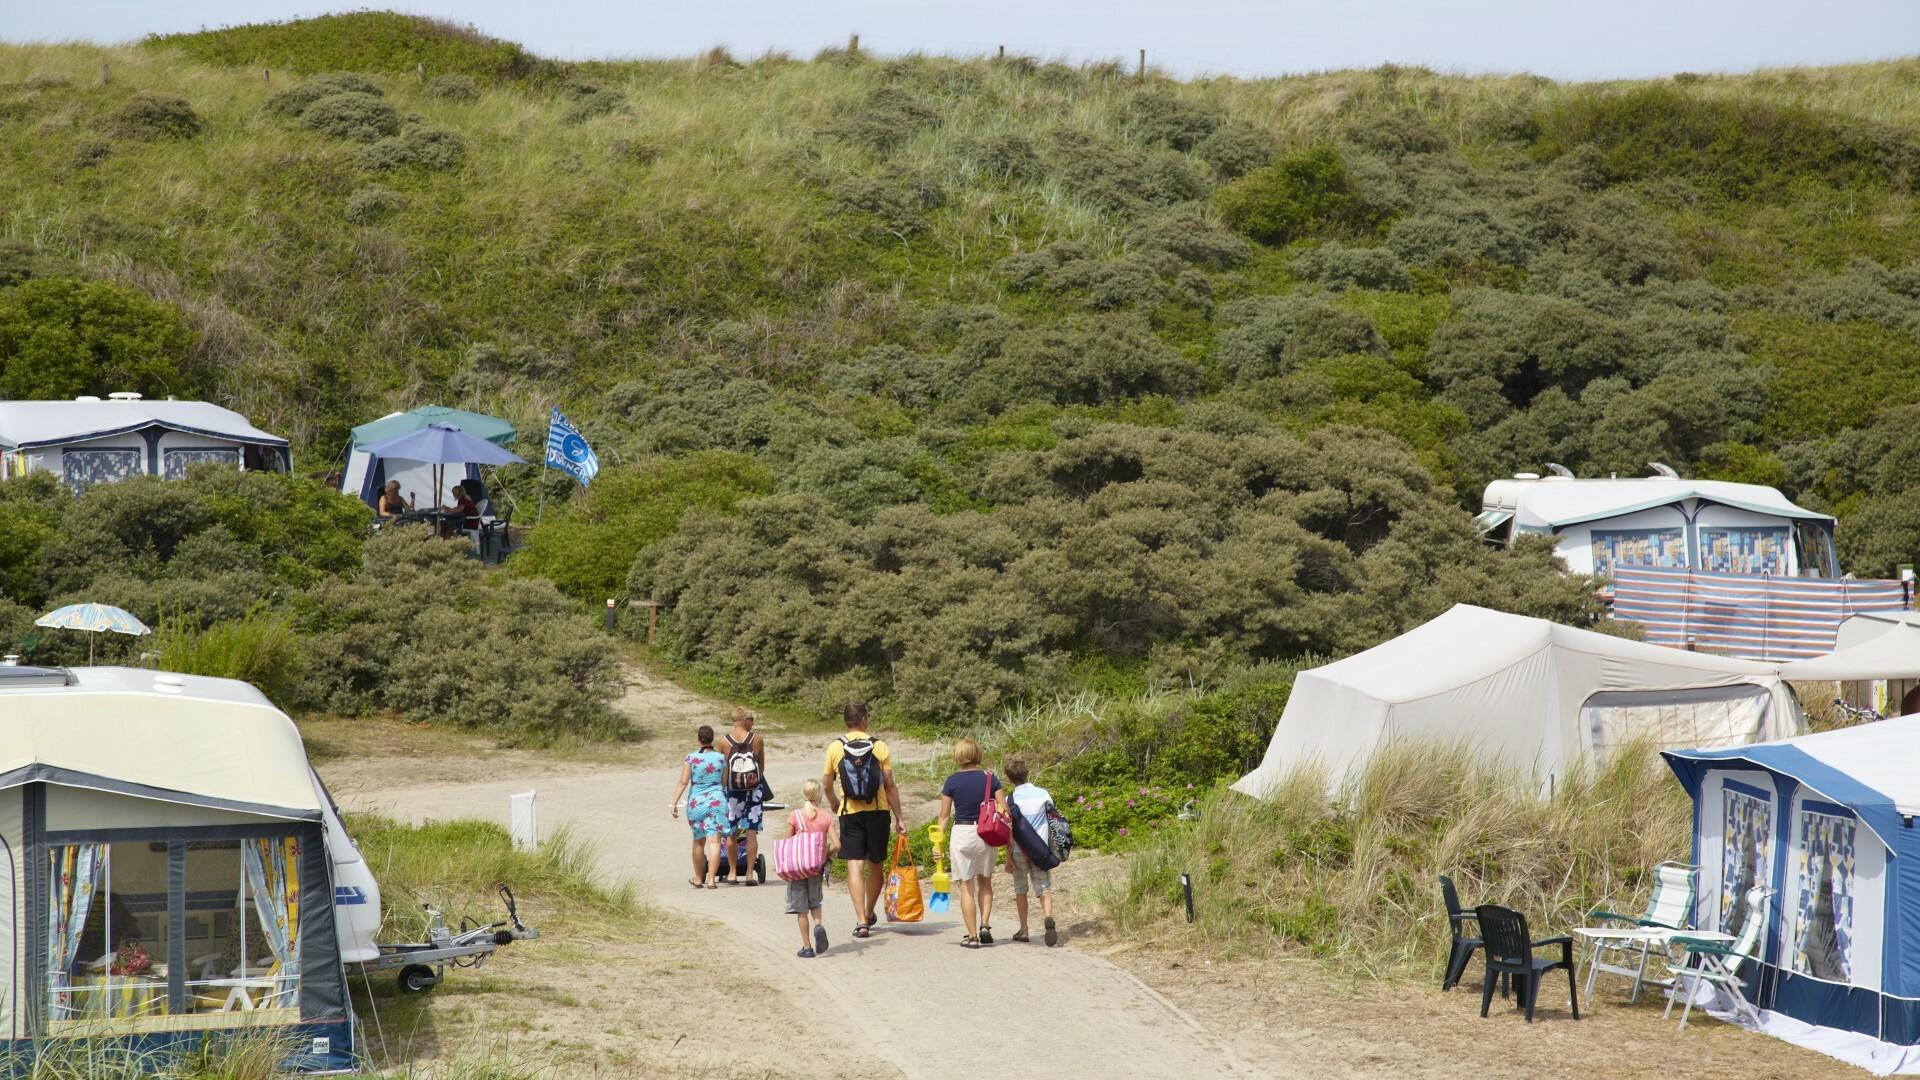 Camping Kogerstrand aan het strand van De Koog VVV Texel